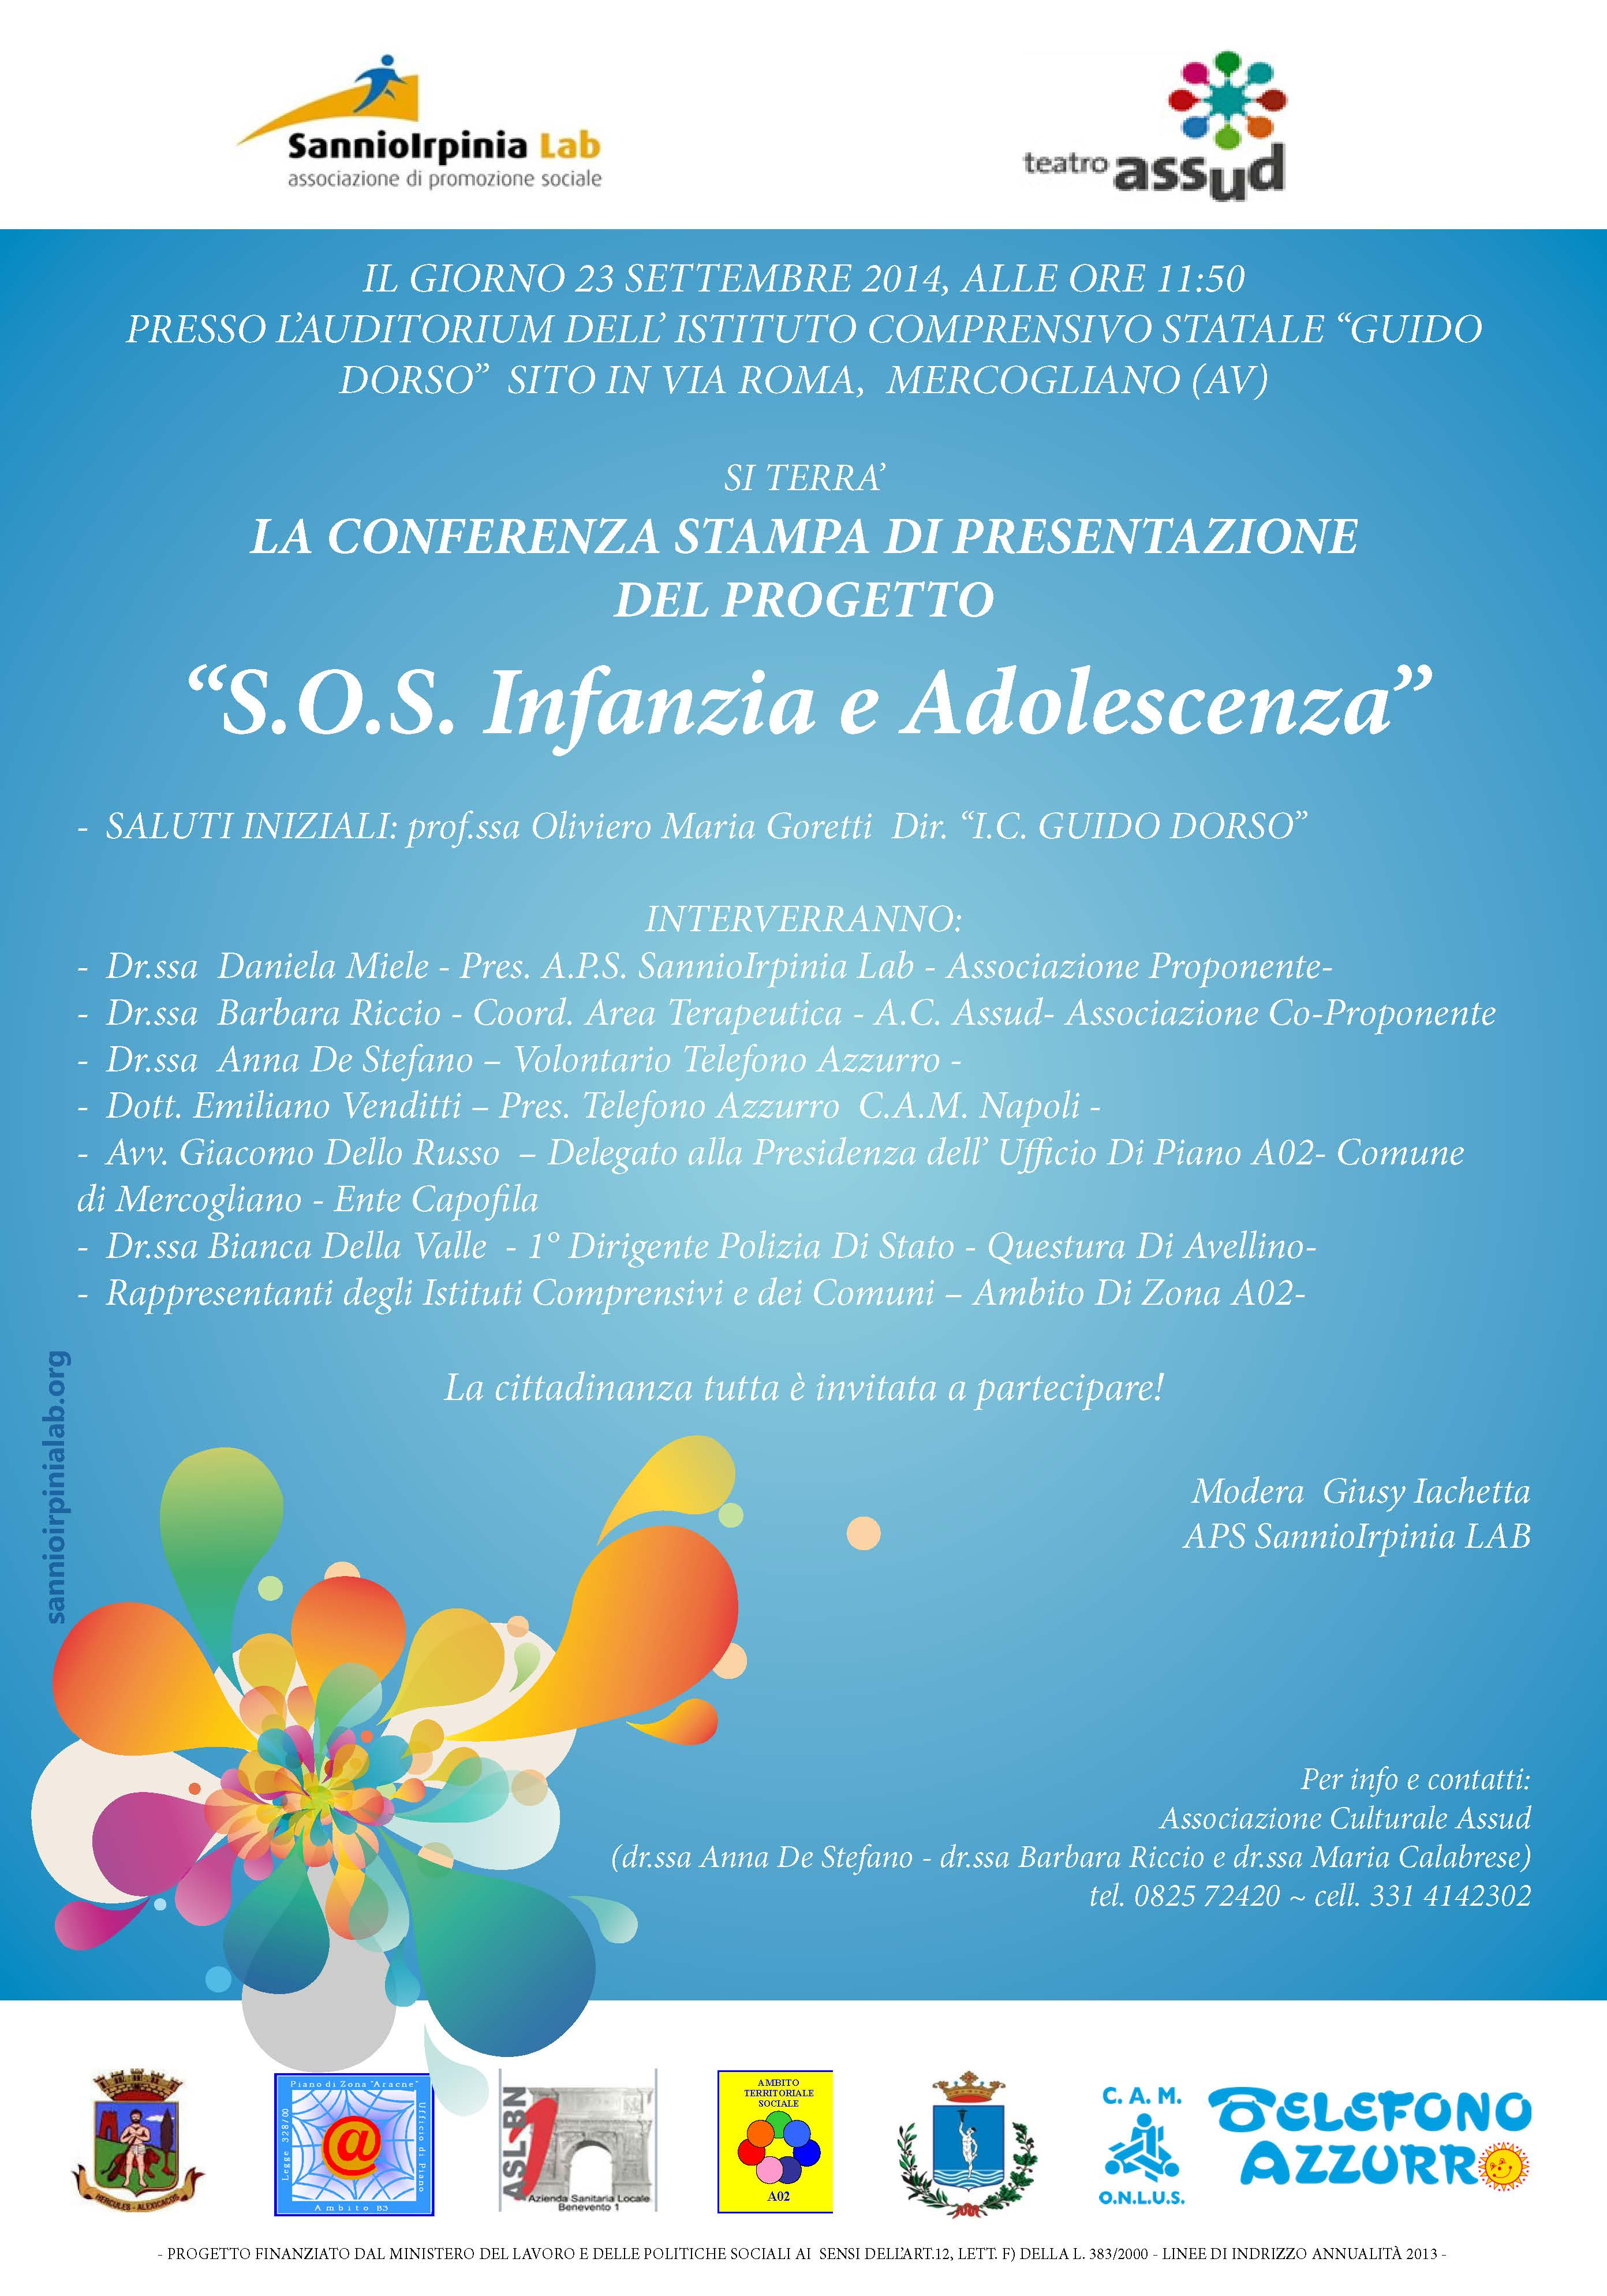 Progetto SOS Infanzia e Adolescenza